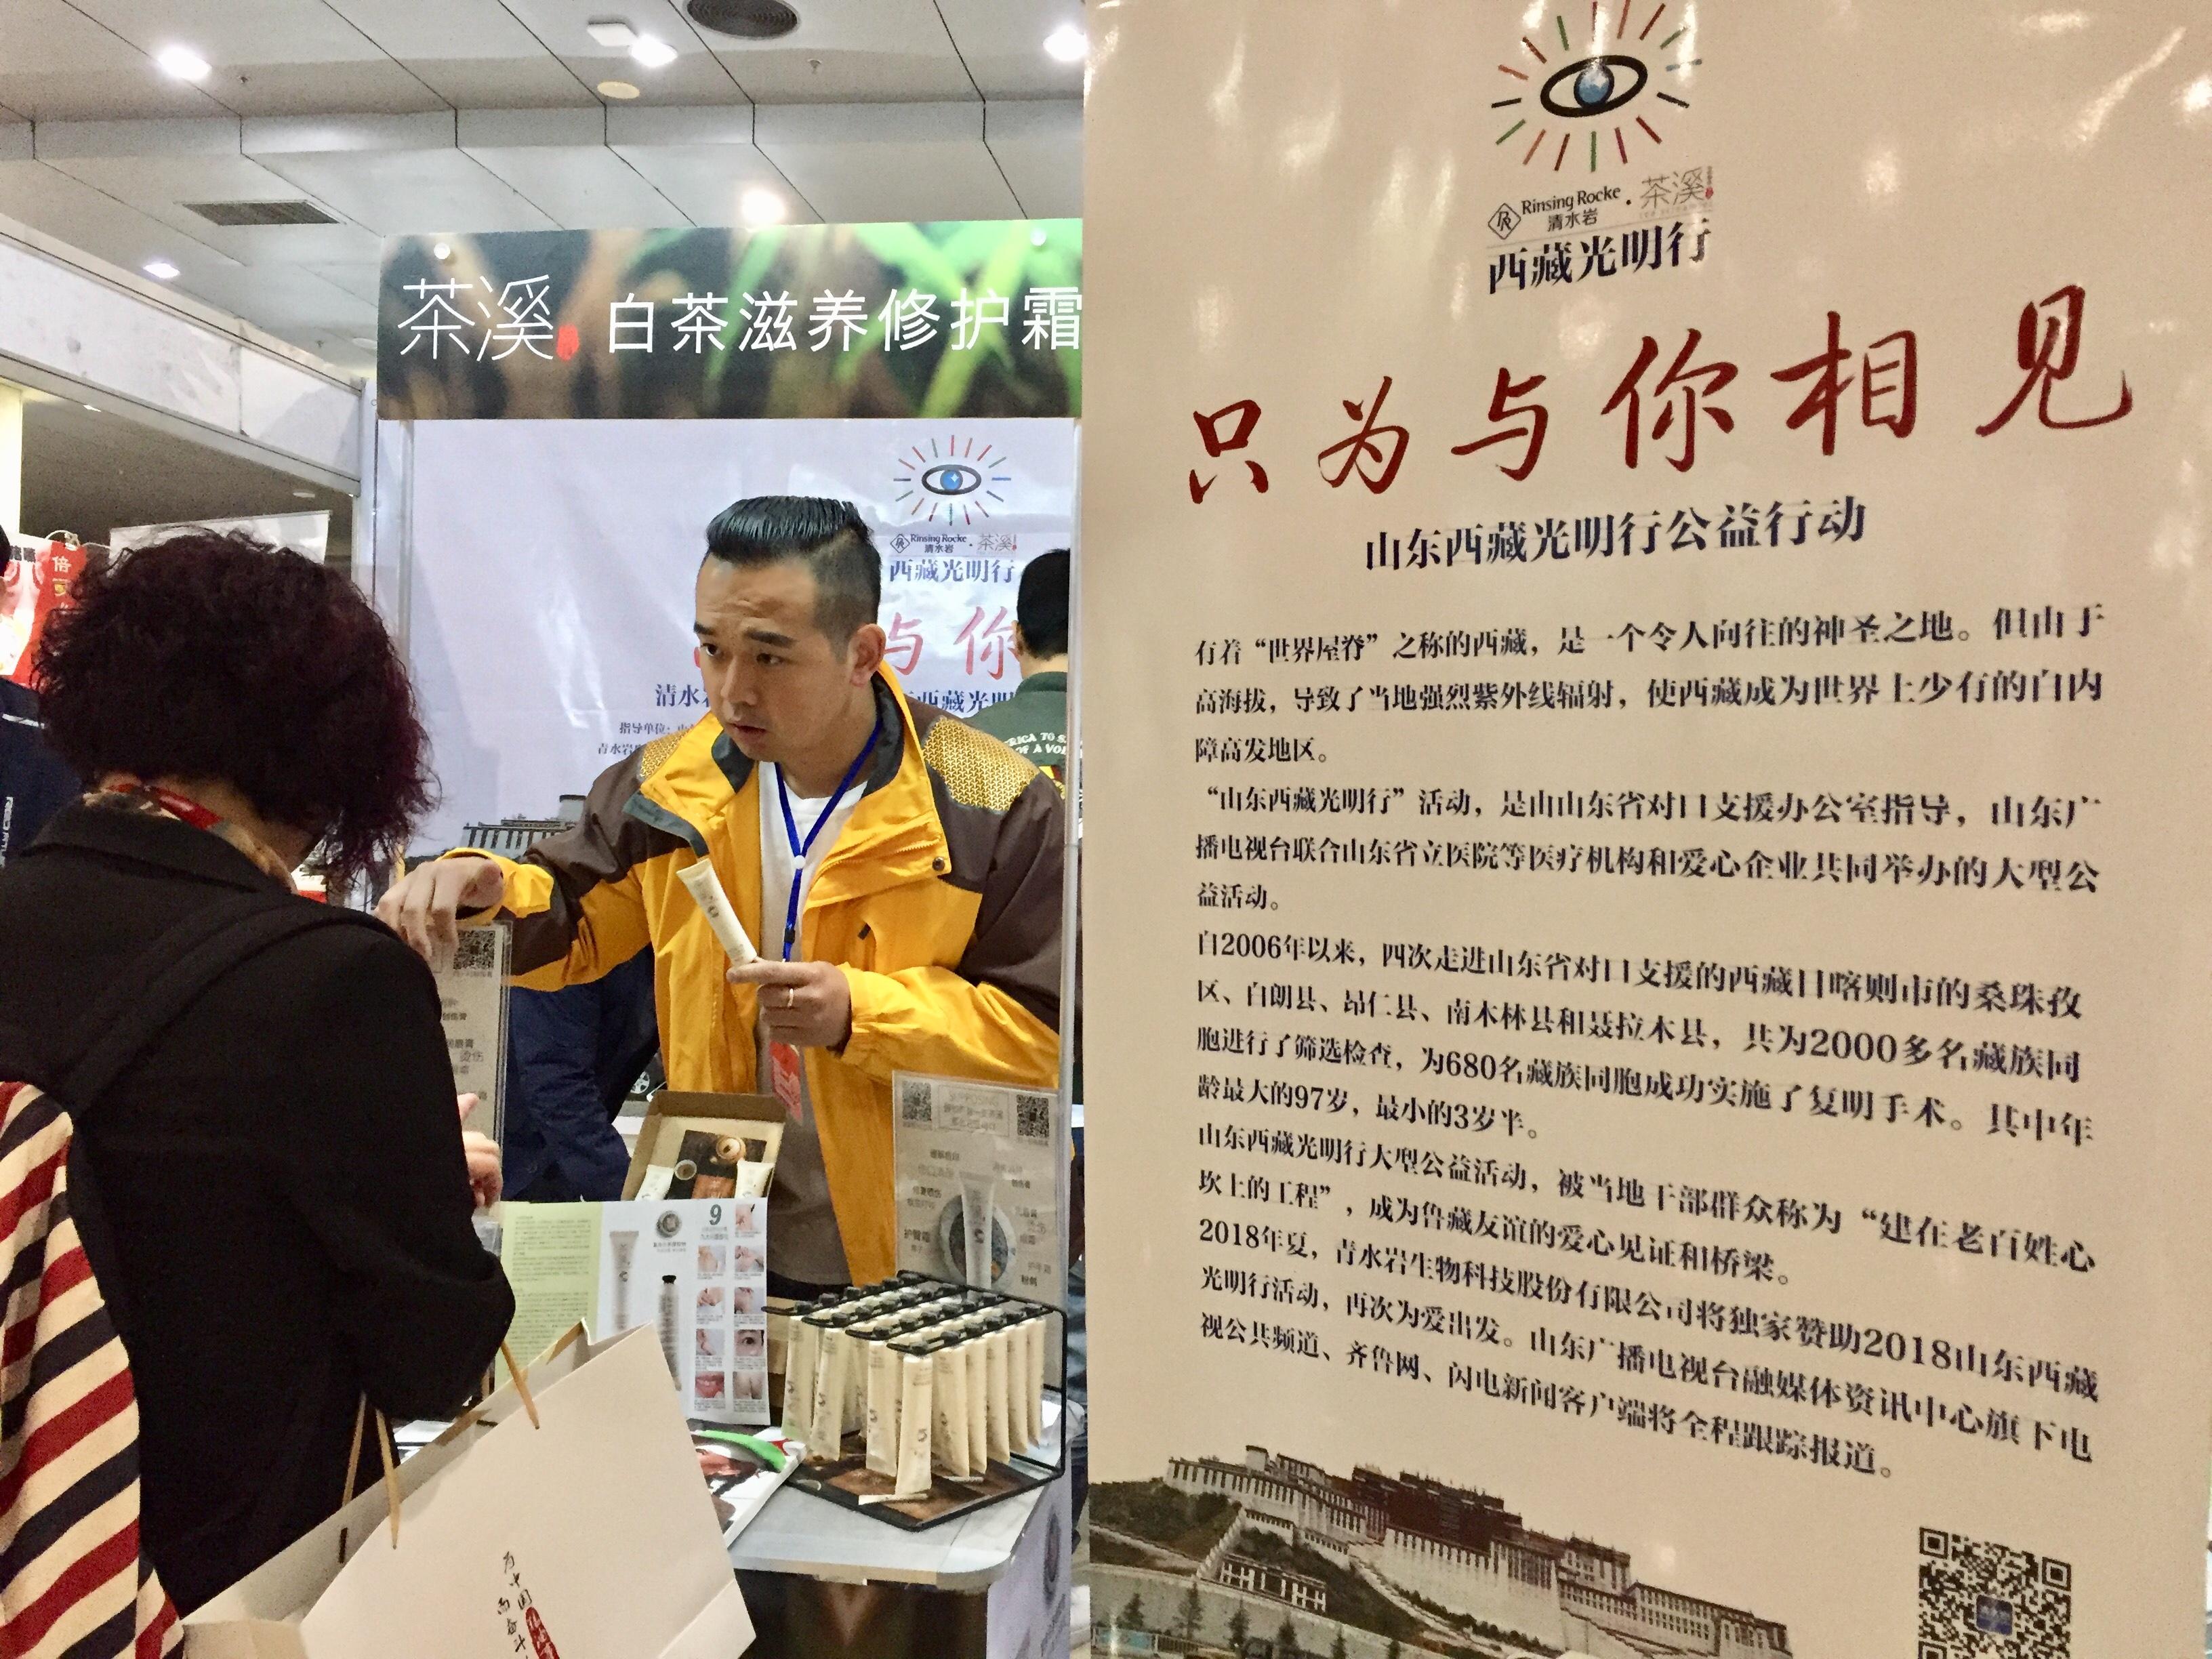 只为与你相见 2018山东西藏光明行公益活动举行